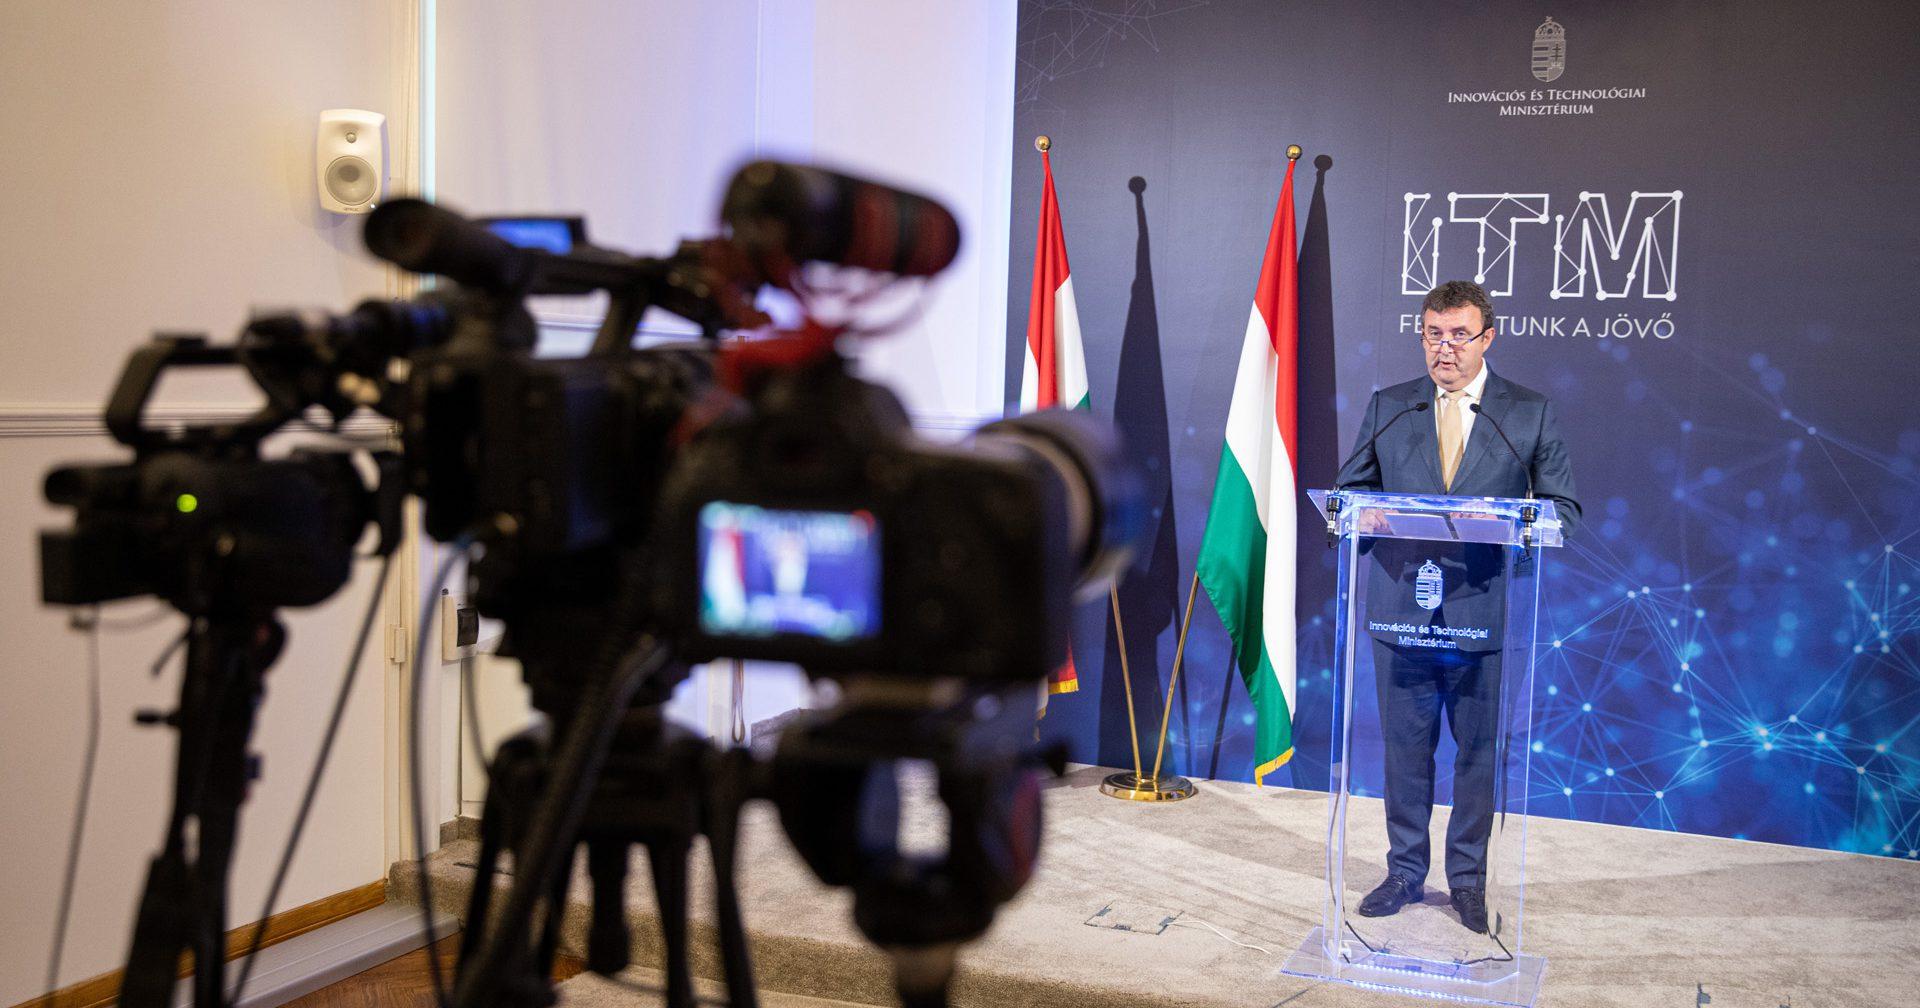 Fotó: Iró Zoltán